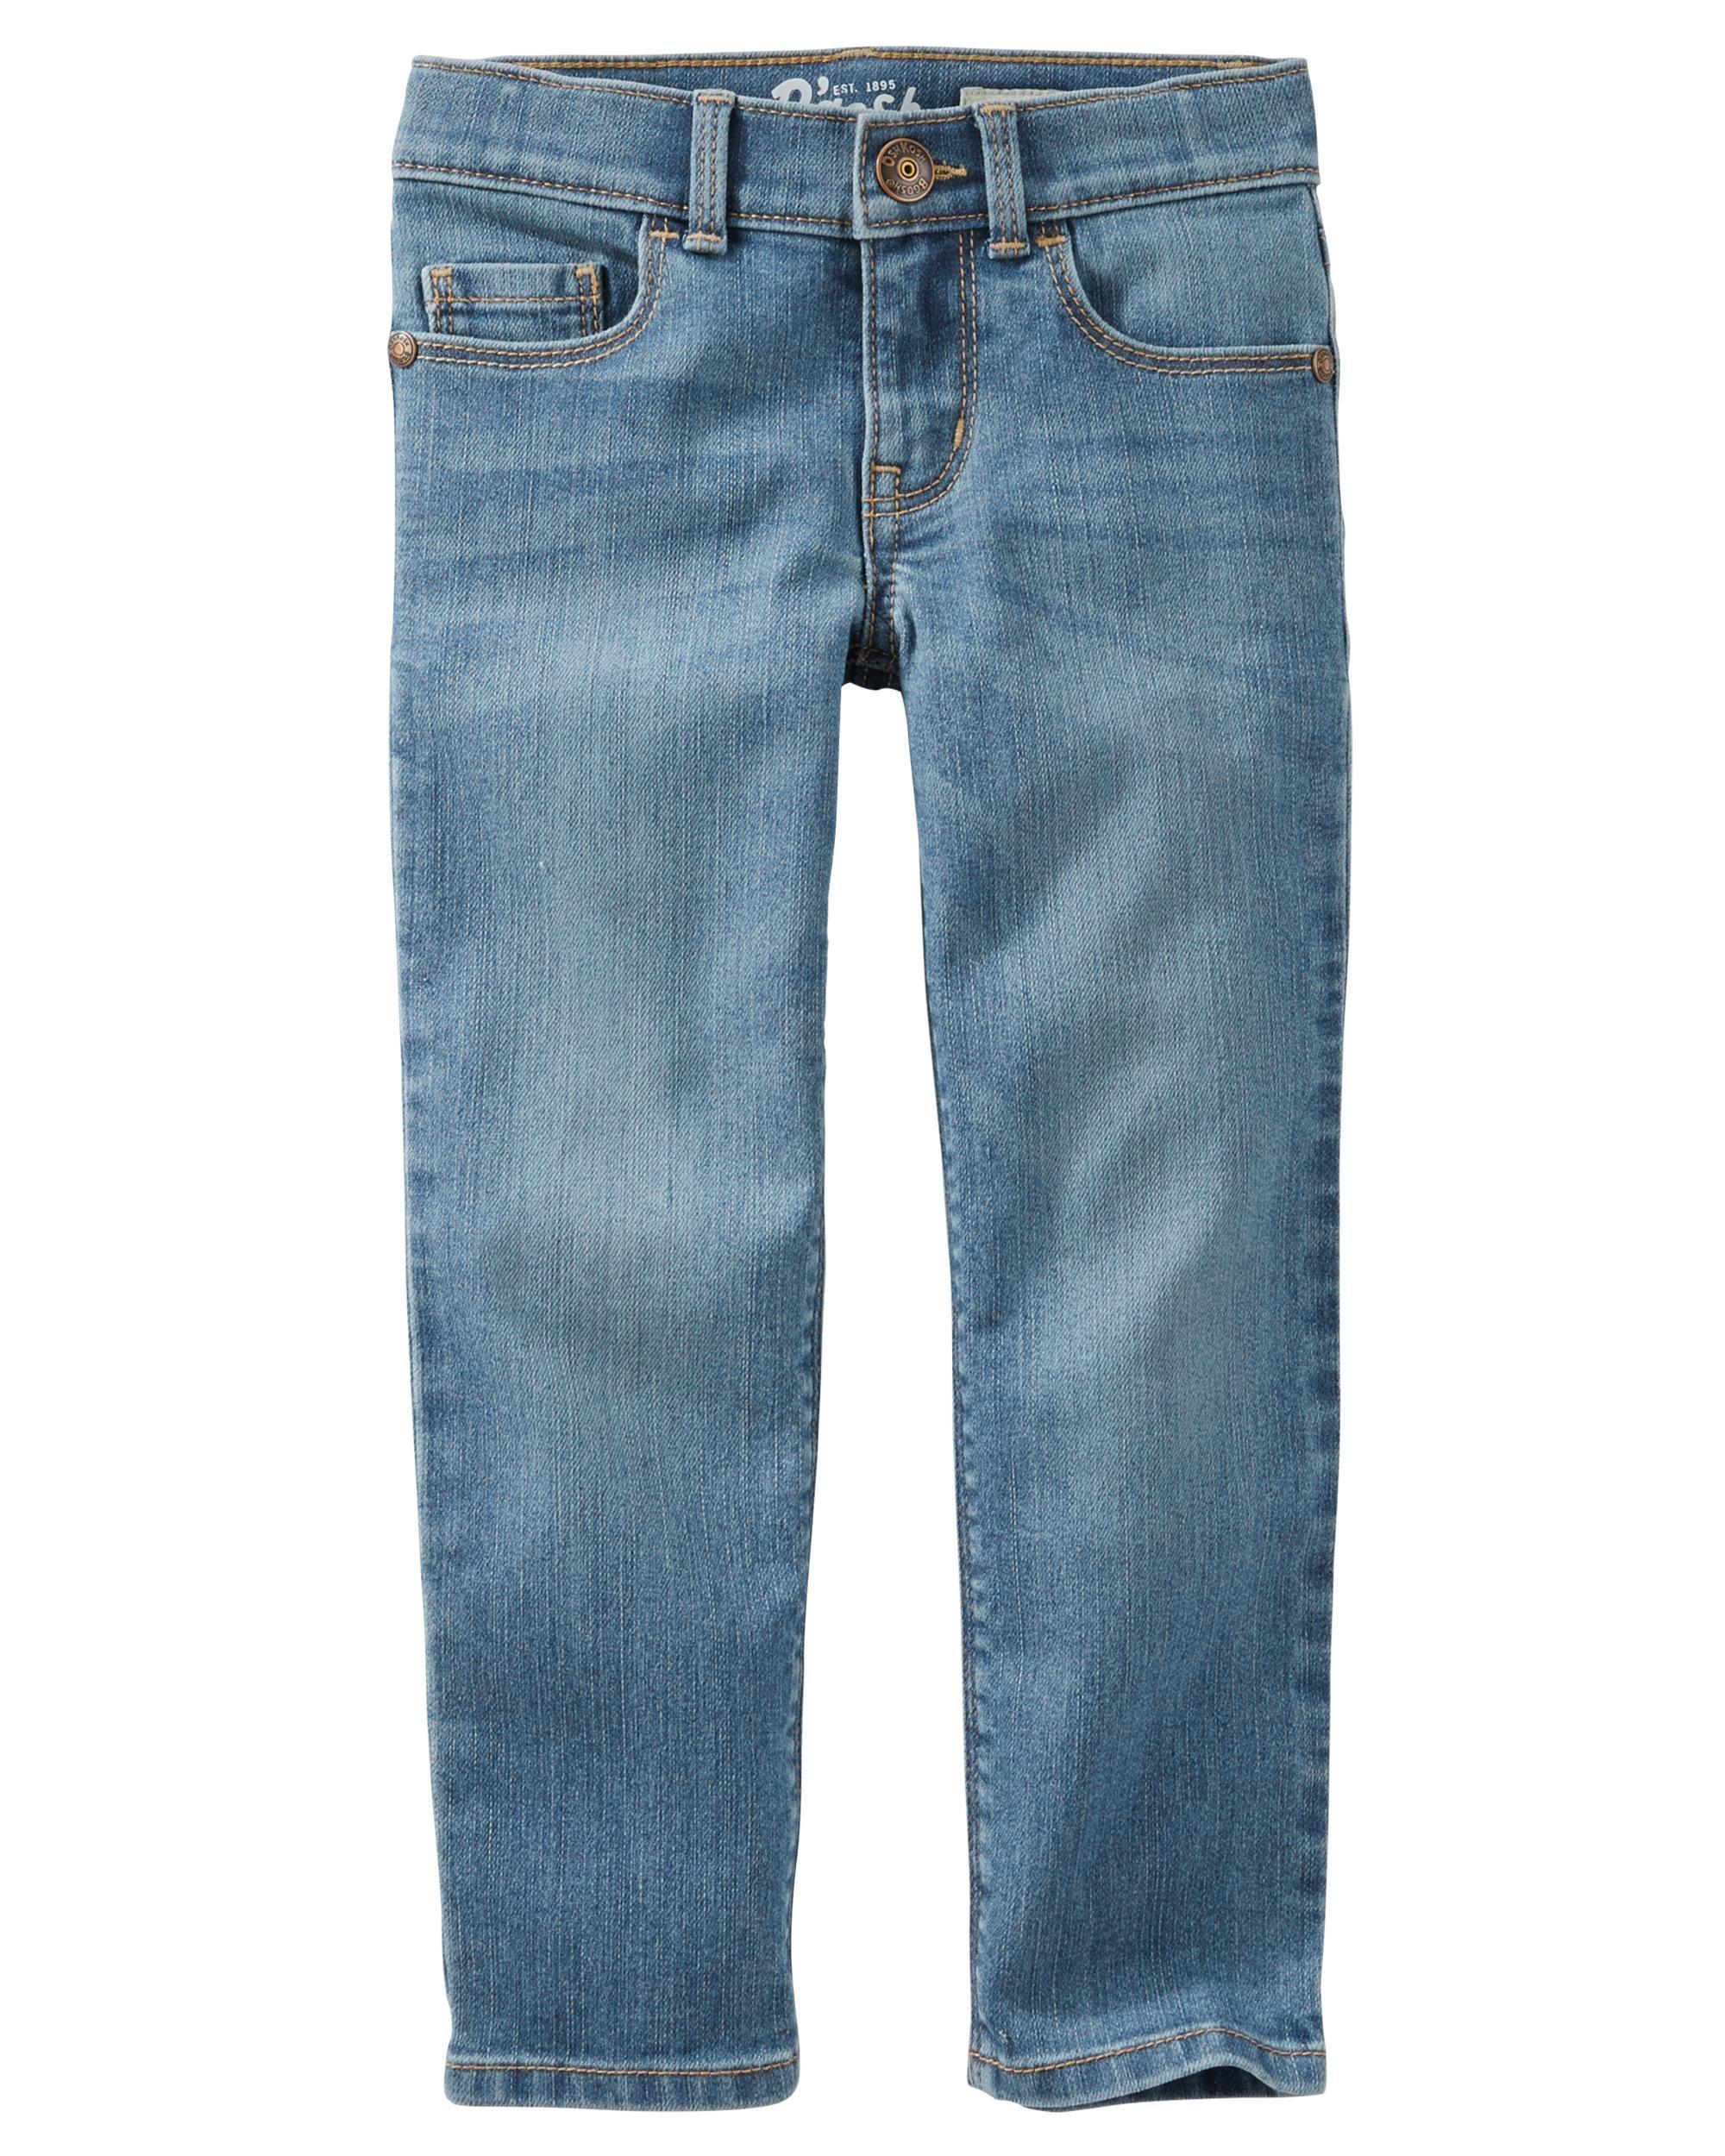 OshKosh Boys Skinny Jeans Jeans